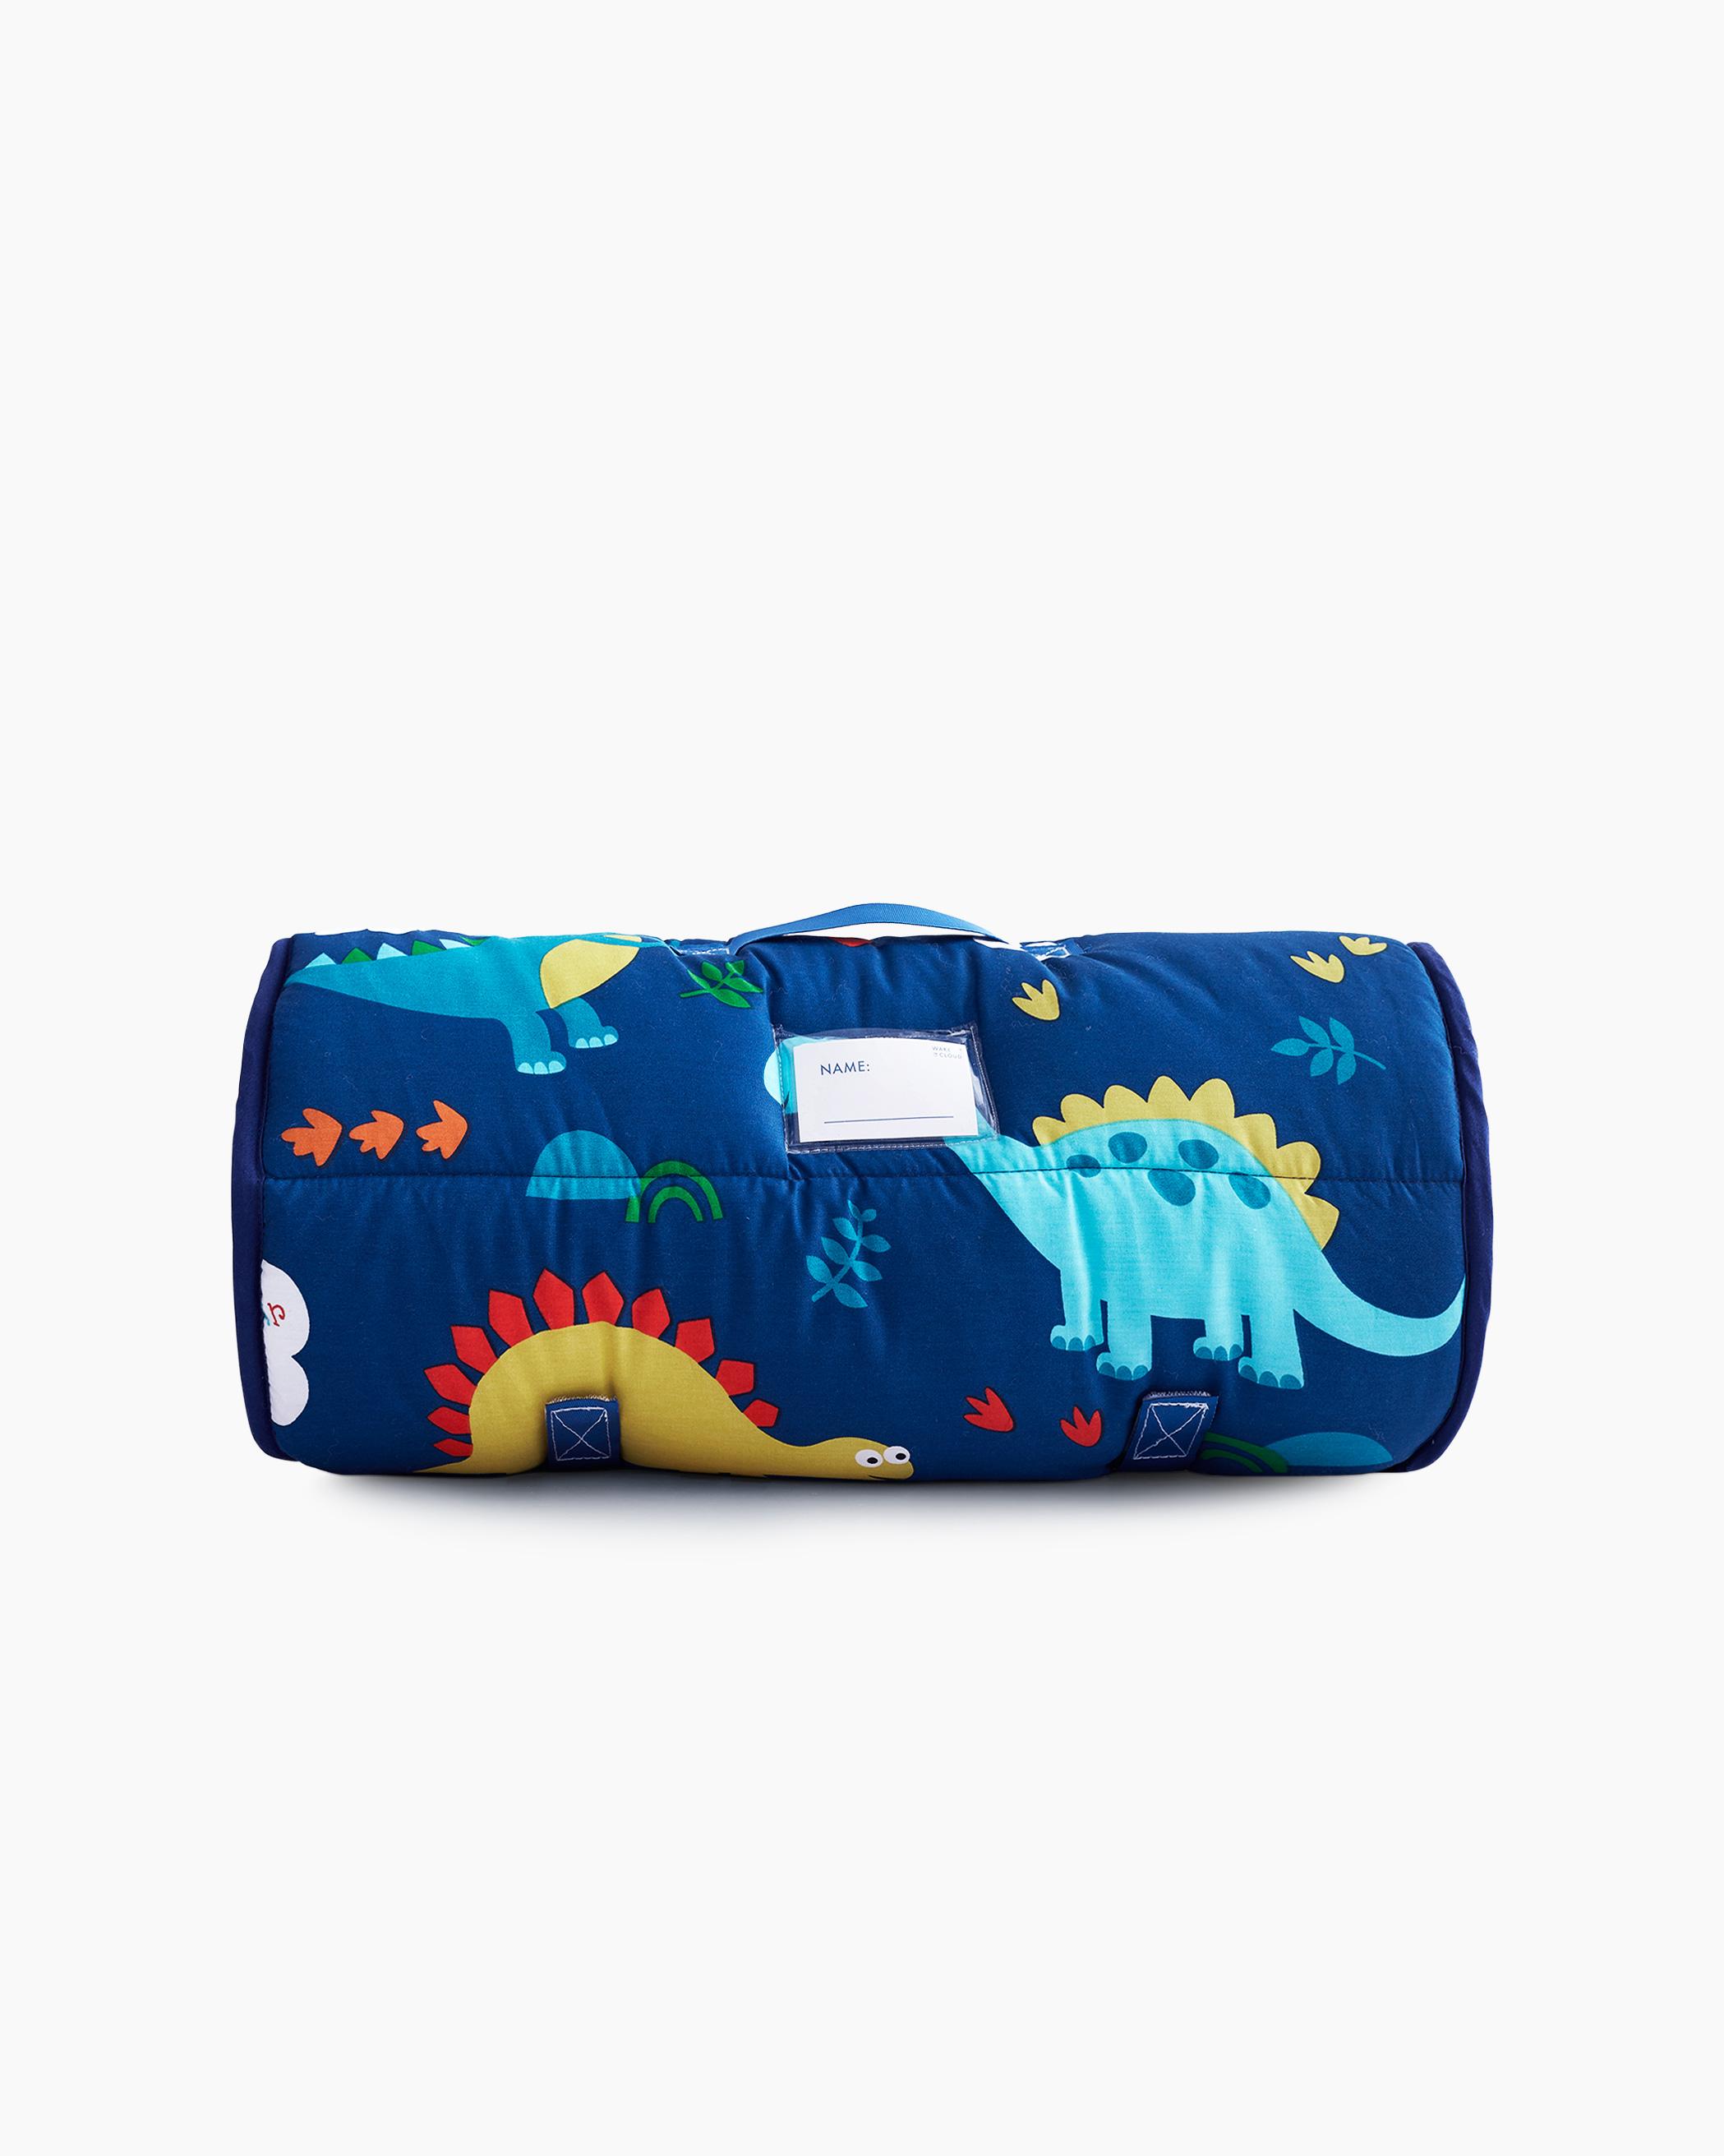 Blue Dinosaurs Cotton Kids Nap Mat